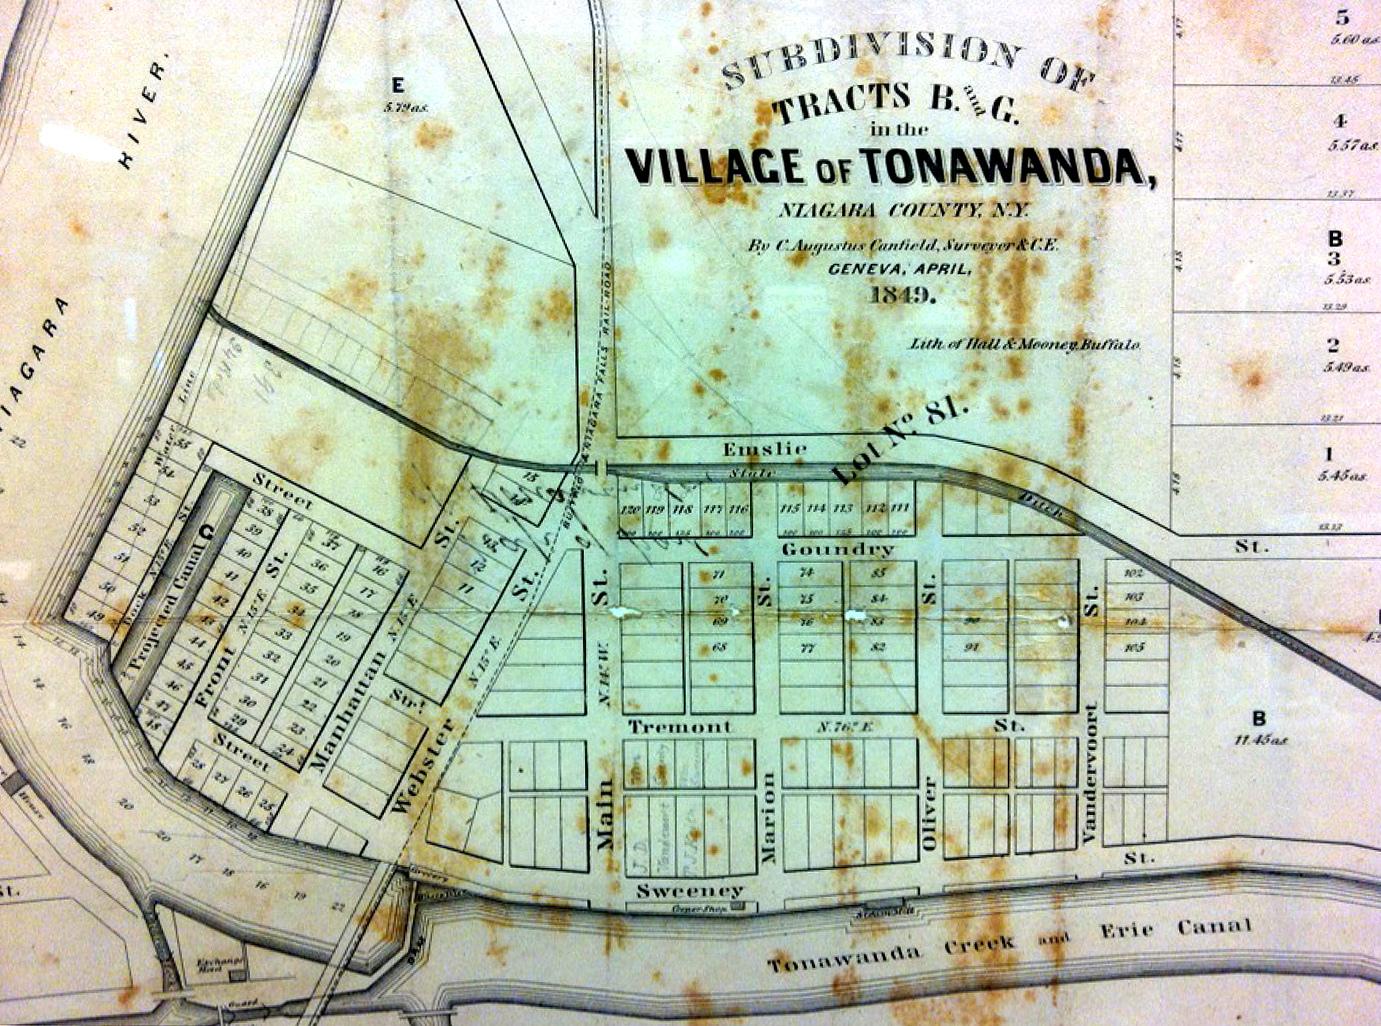 Village of Tonawanda, map (1849).jpg